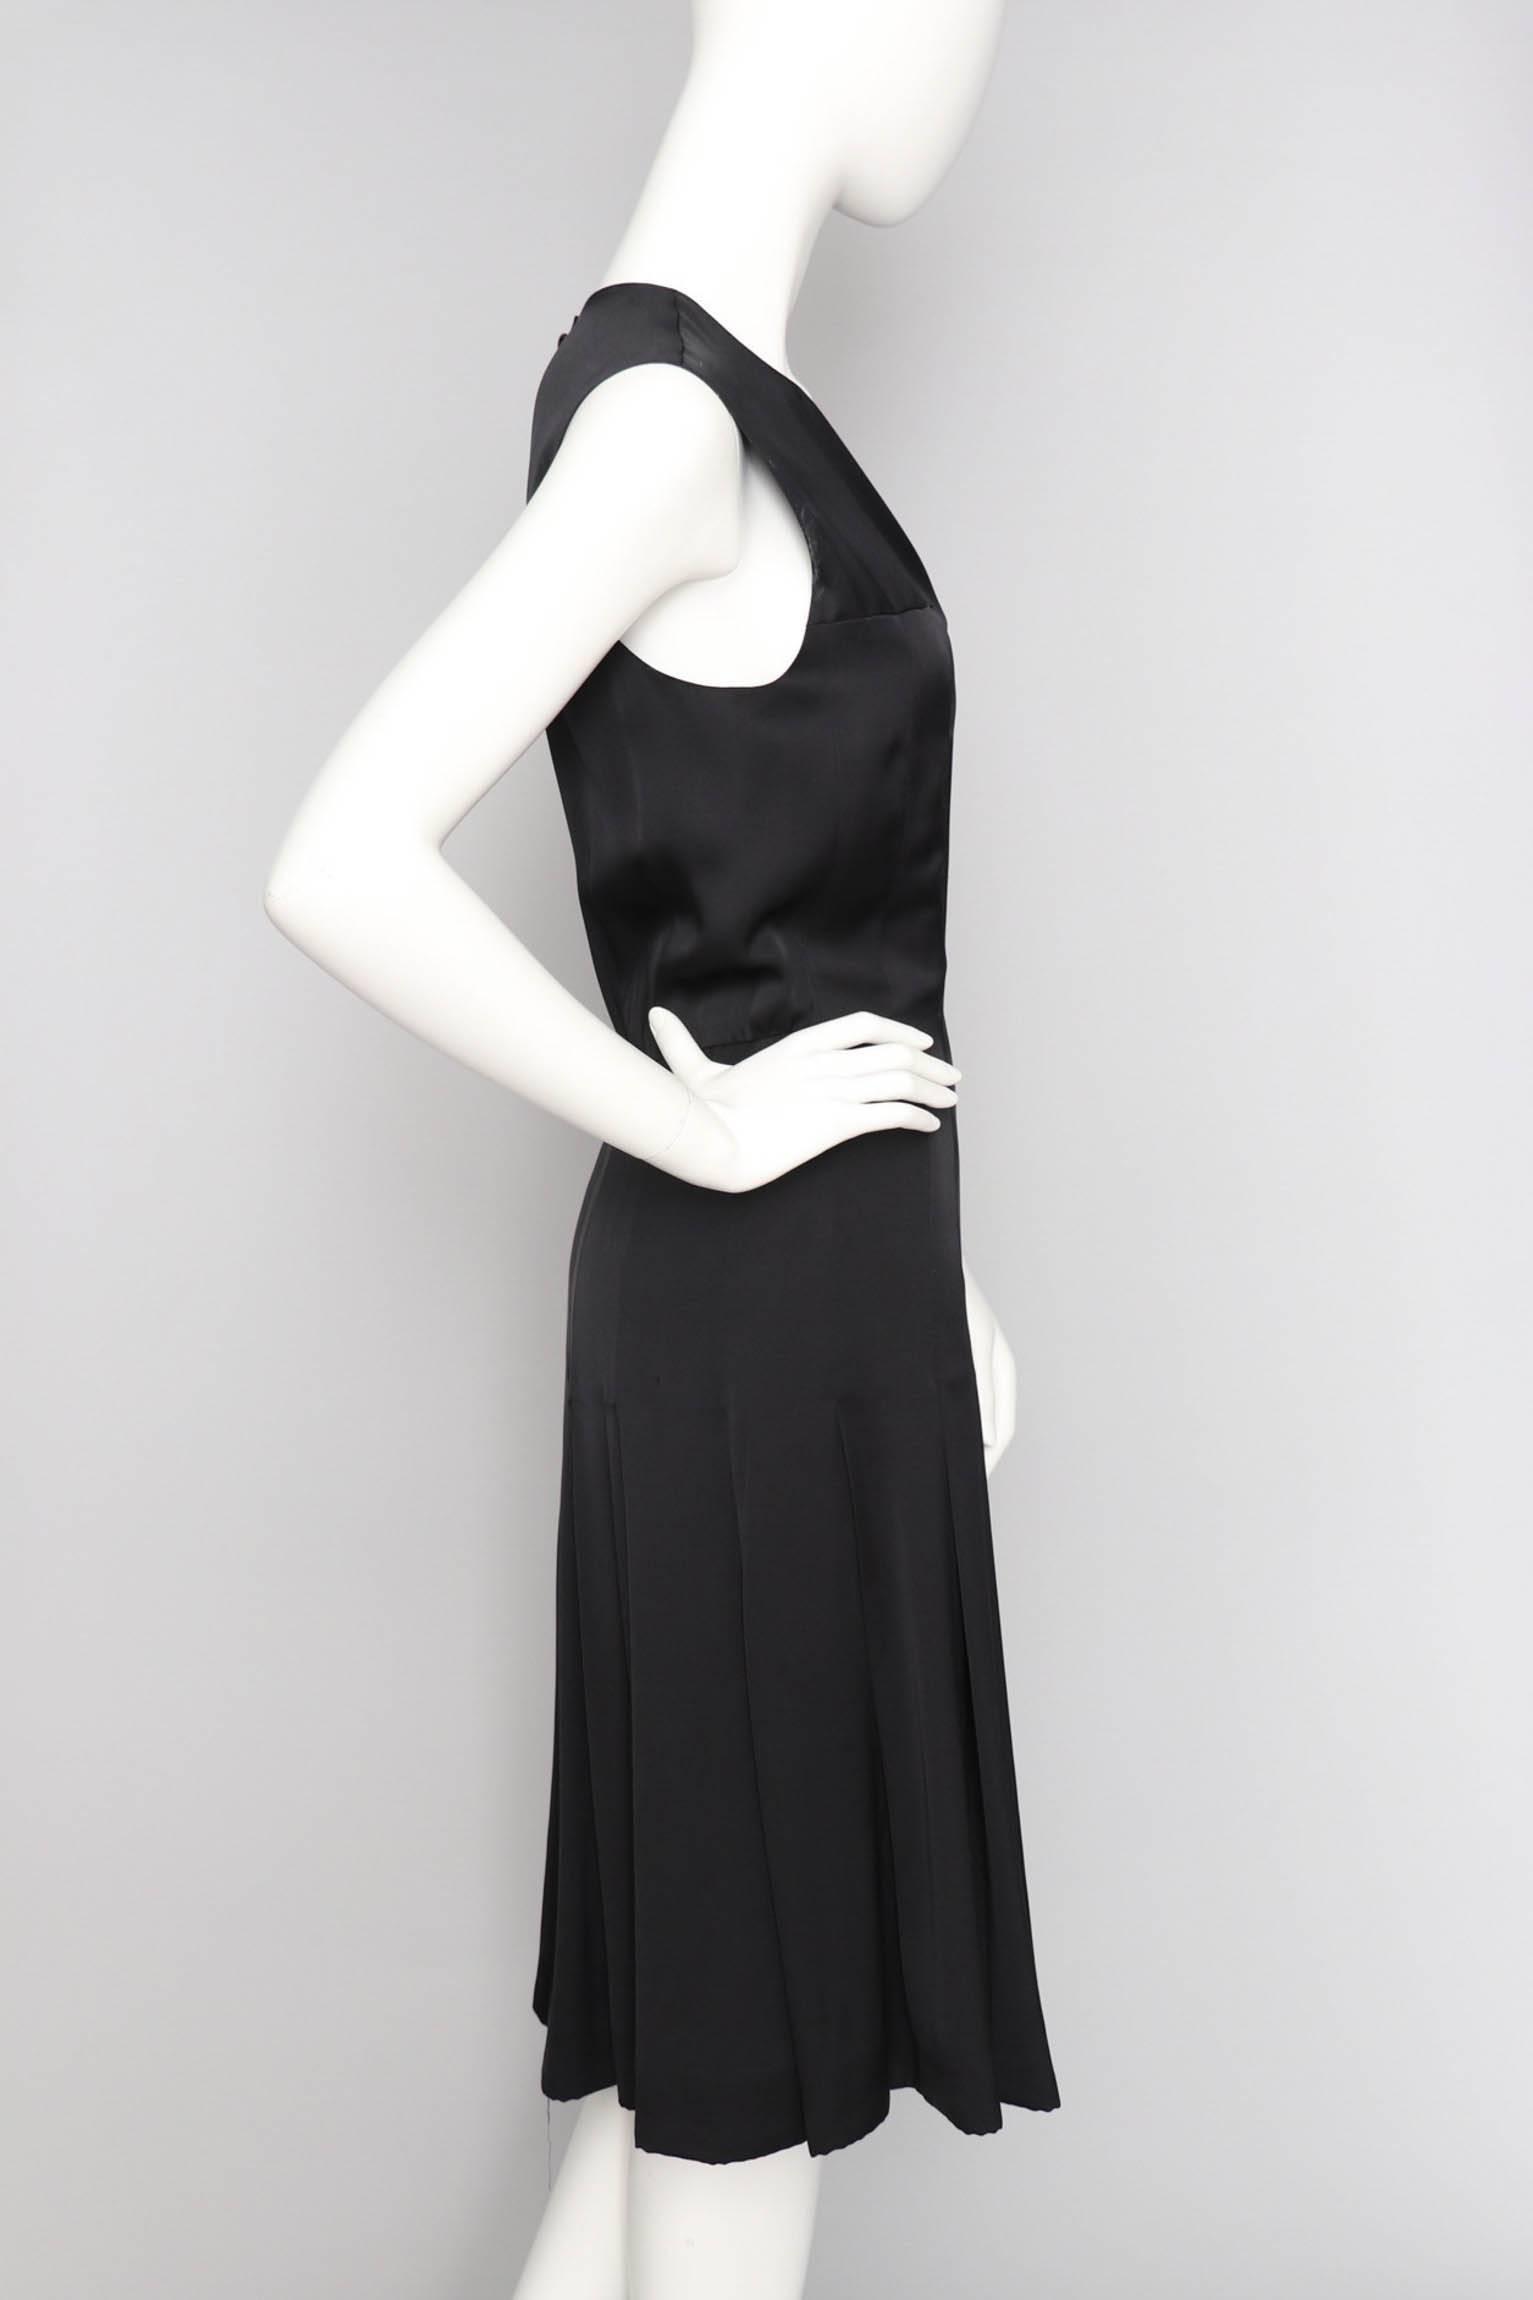 d971c01ffb3ff A 90s Vintage Black Chanel Silk Satin Cocktail Dress L For Sale at 1stdibs